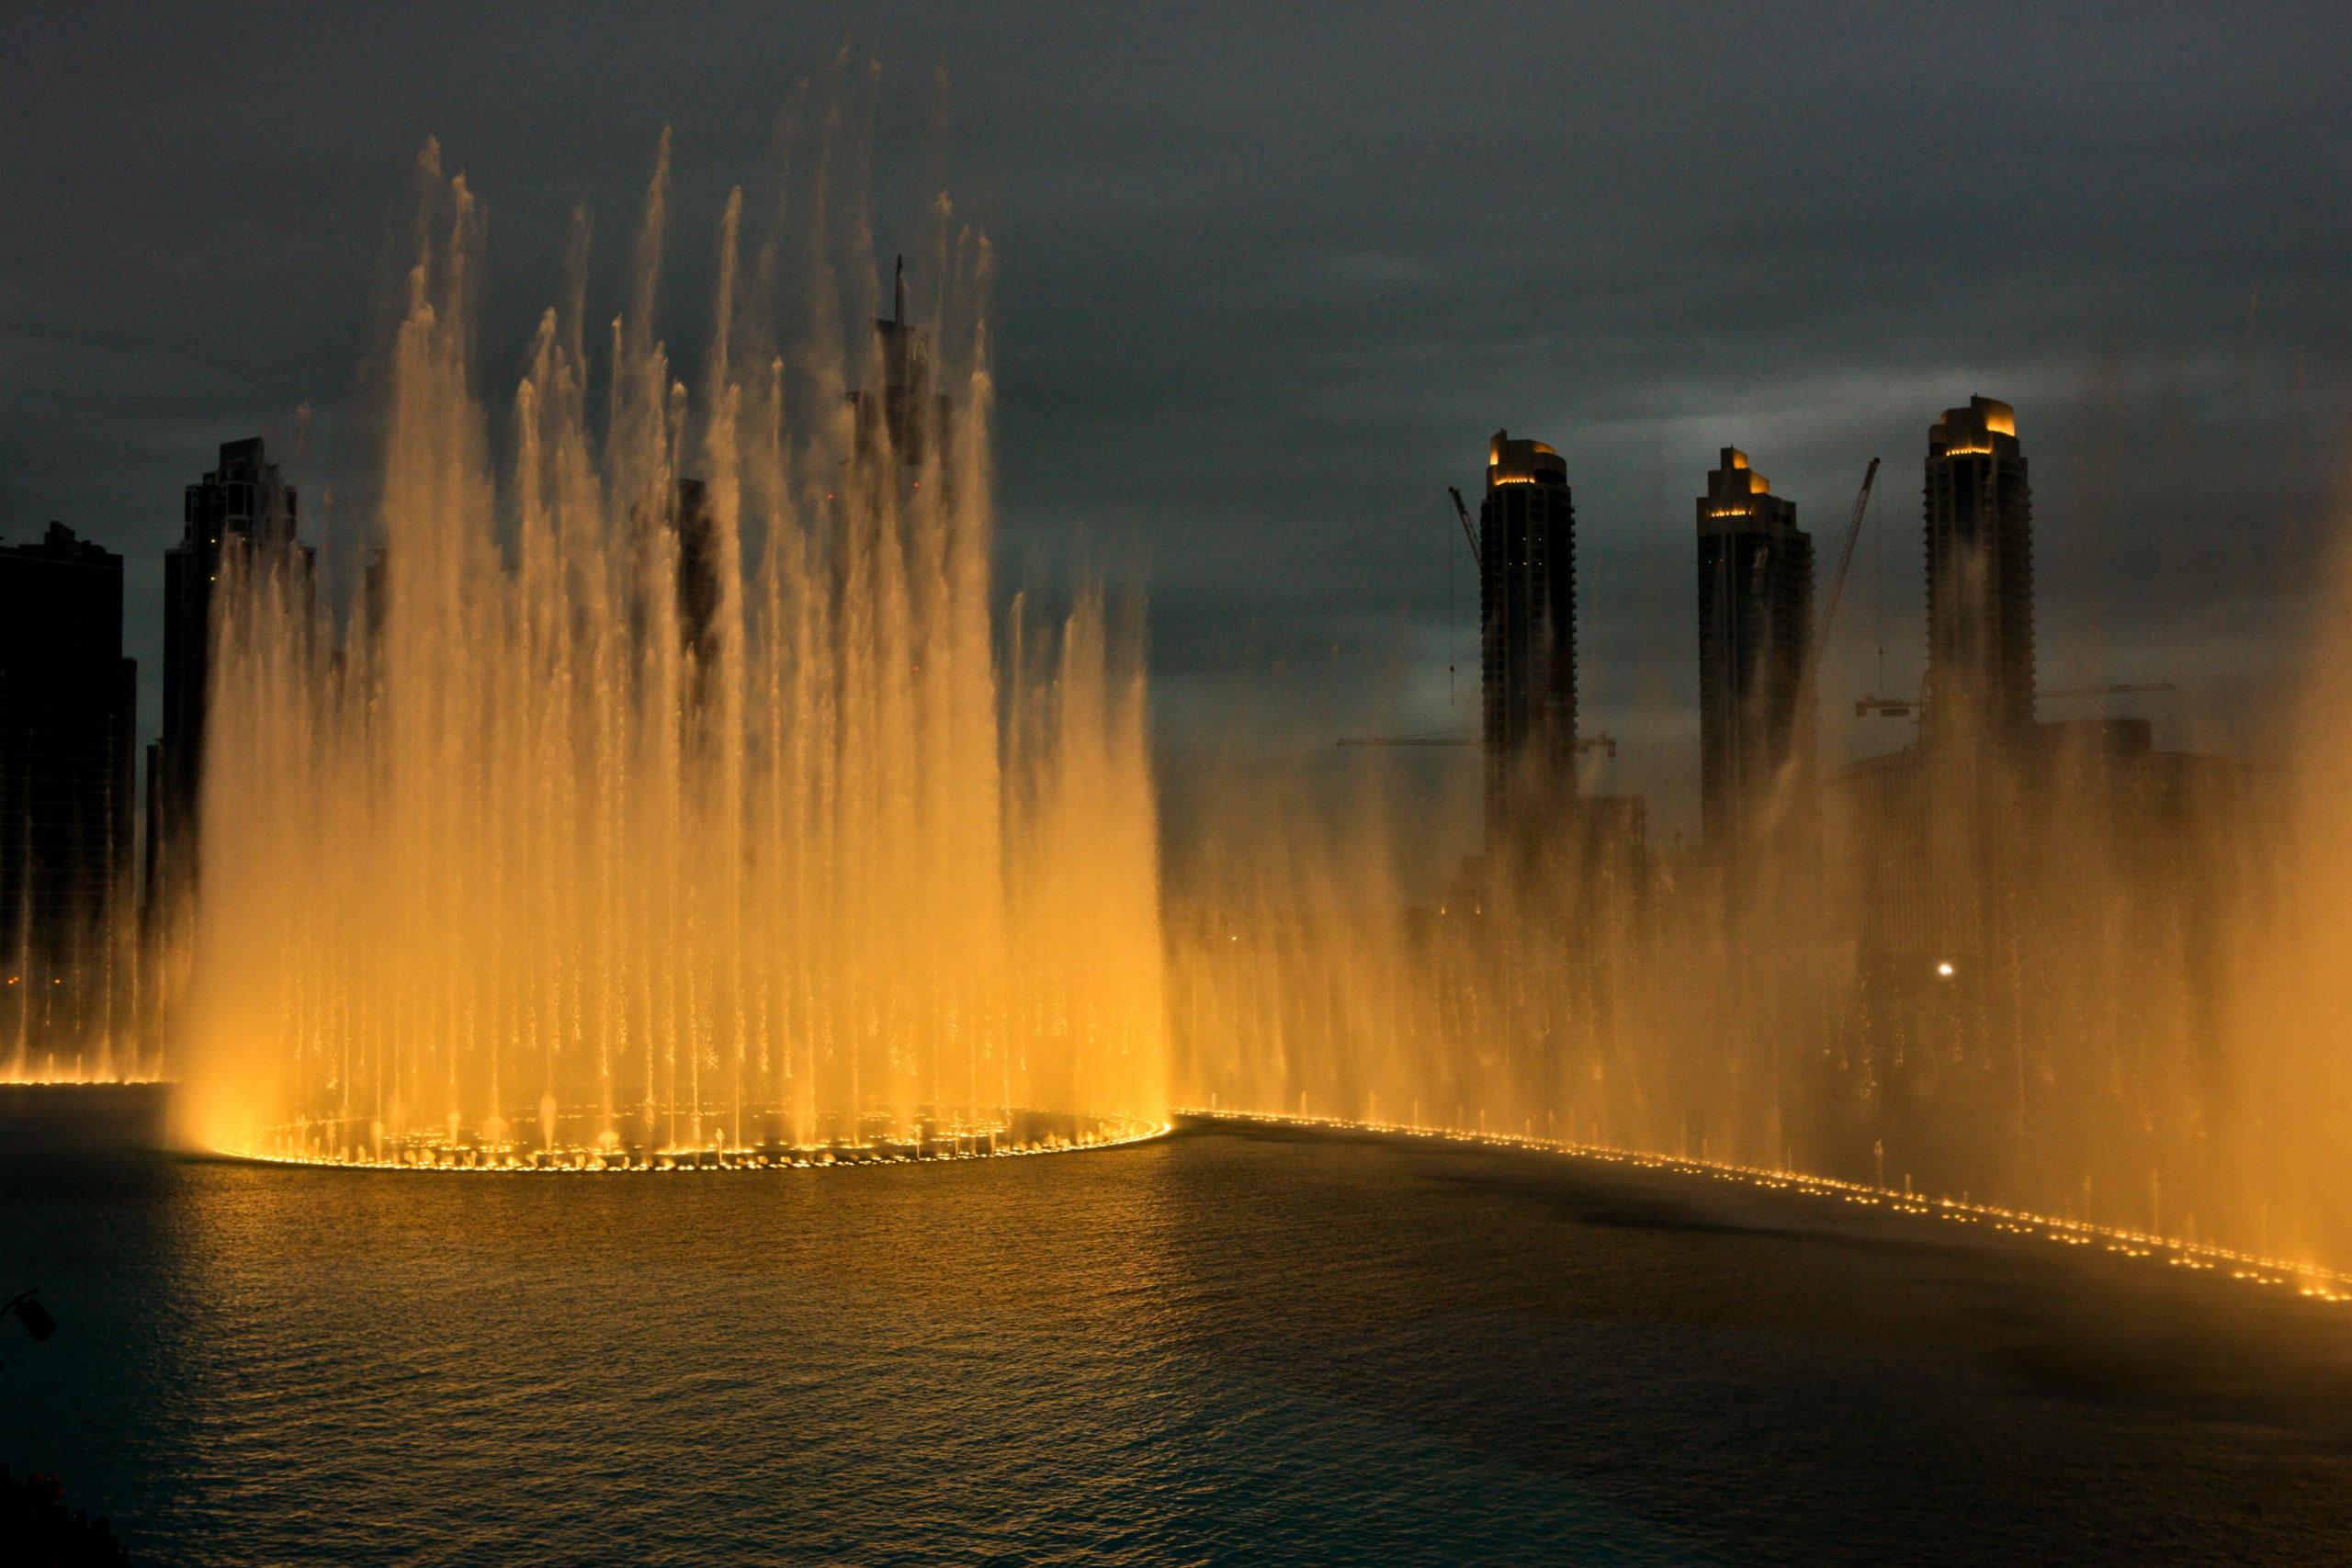 Танцующий фонтан картинка